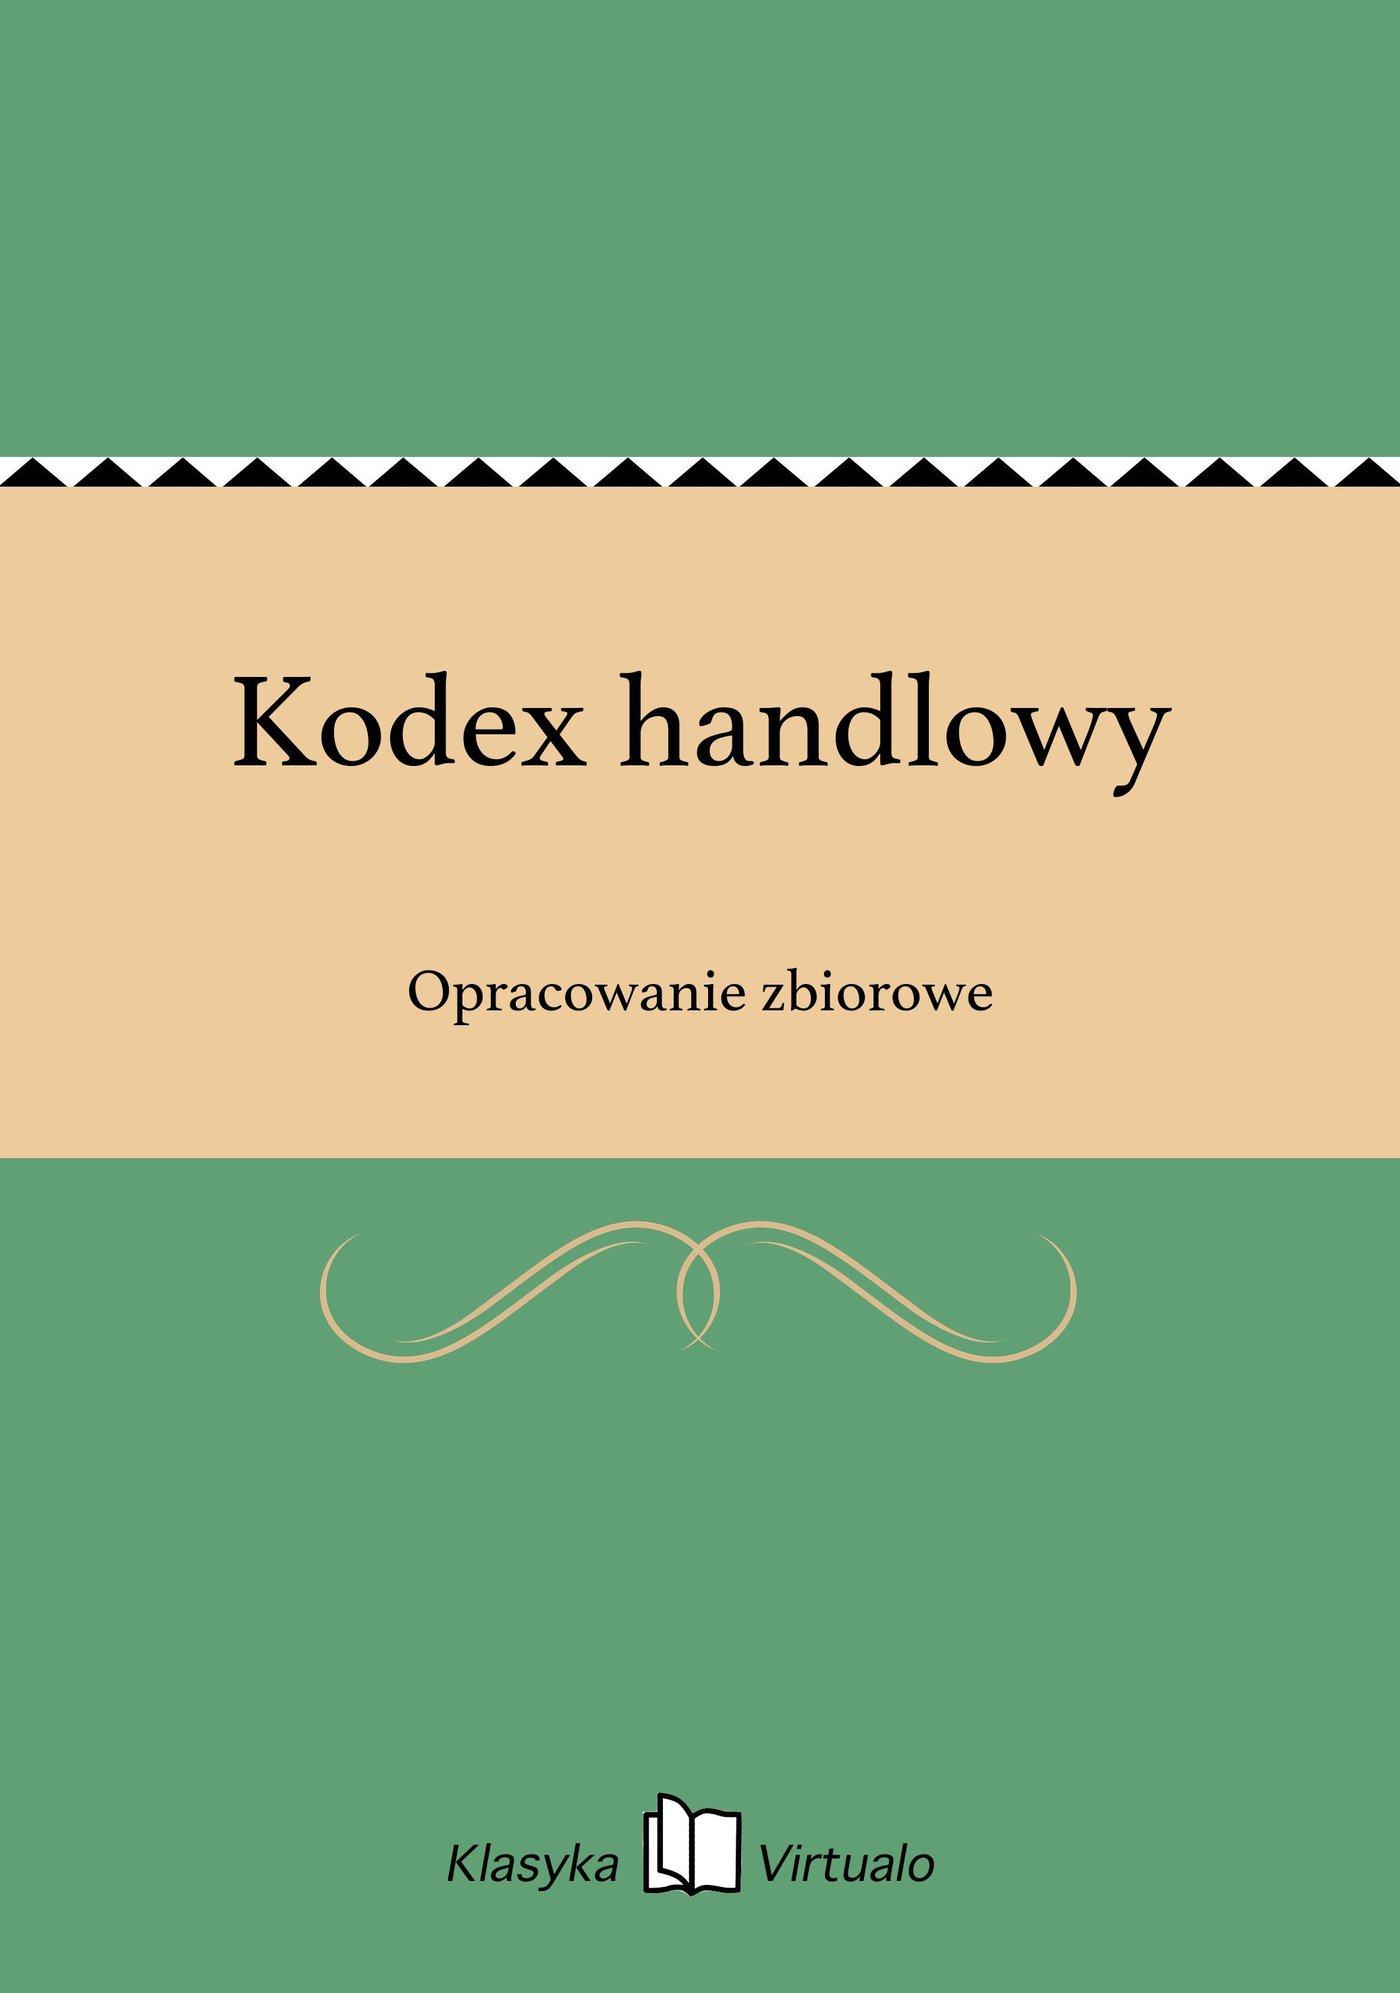 Kodex handlowy - Ebook (Książka EPUB) do pobrania w formacie EPUB